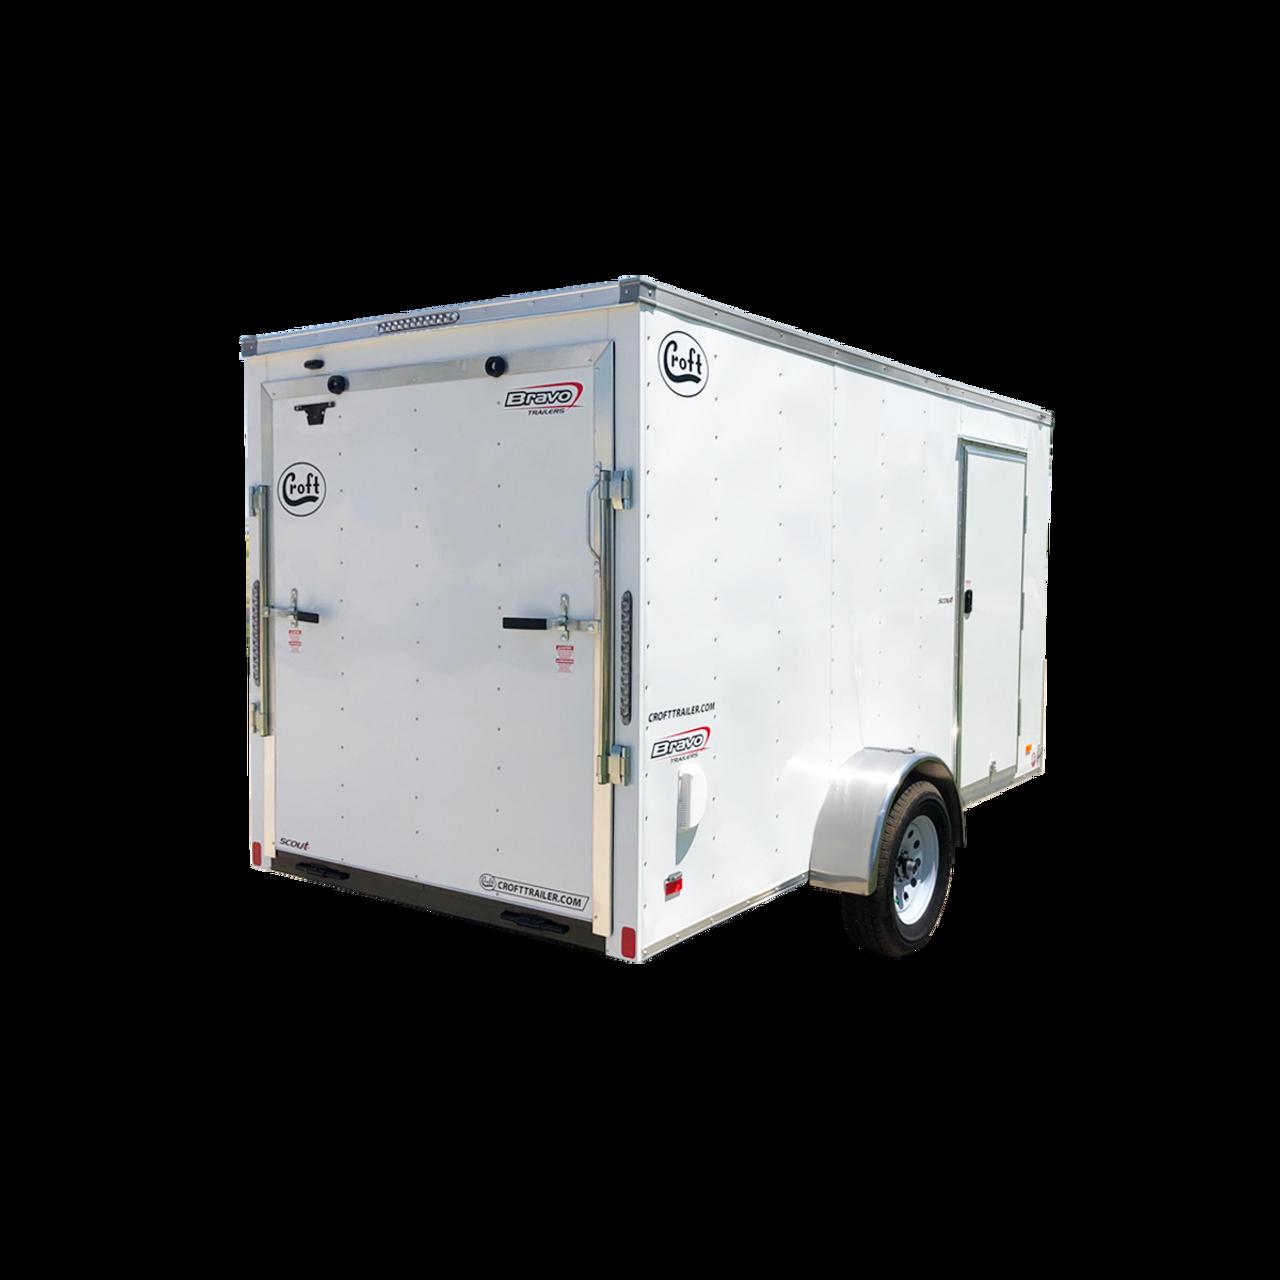 SC612SADRD --- 6' X 12' Enclosed Trailer with Ramp Door - Bravo